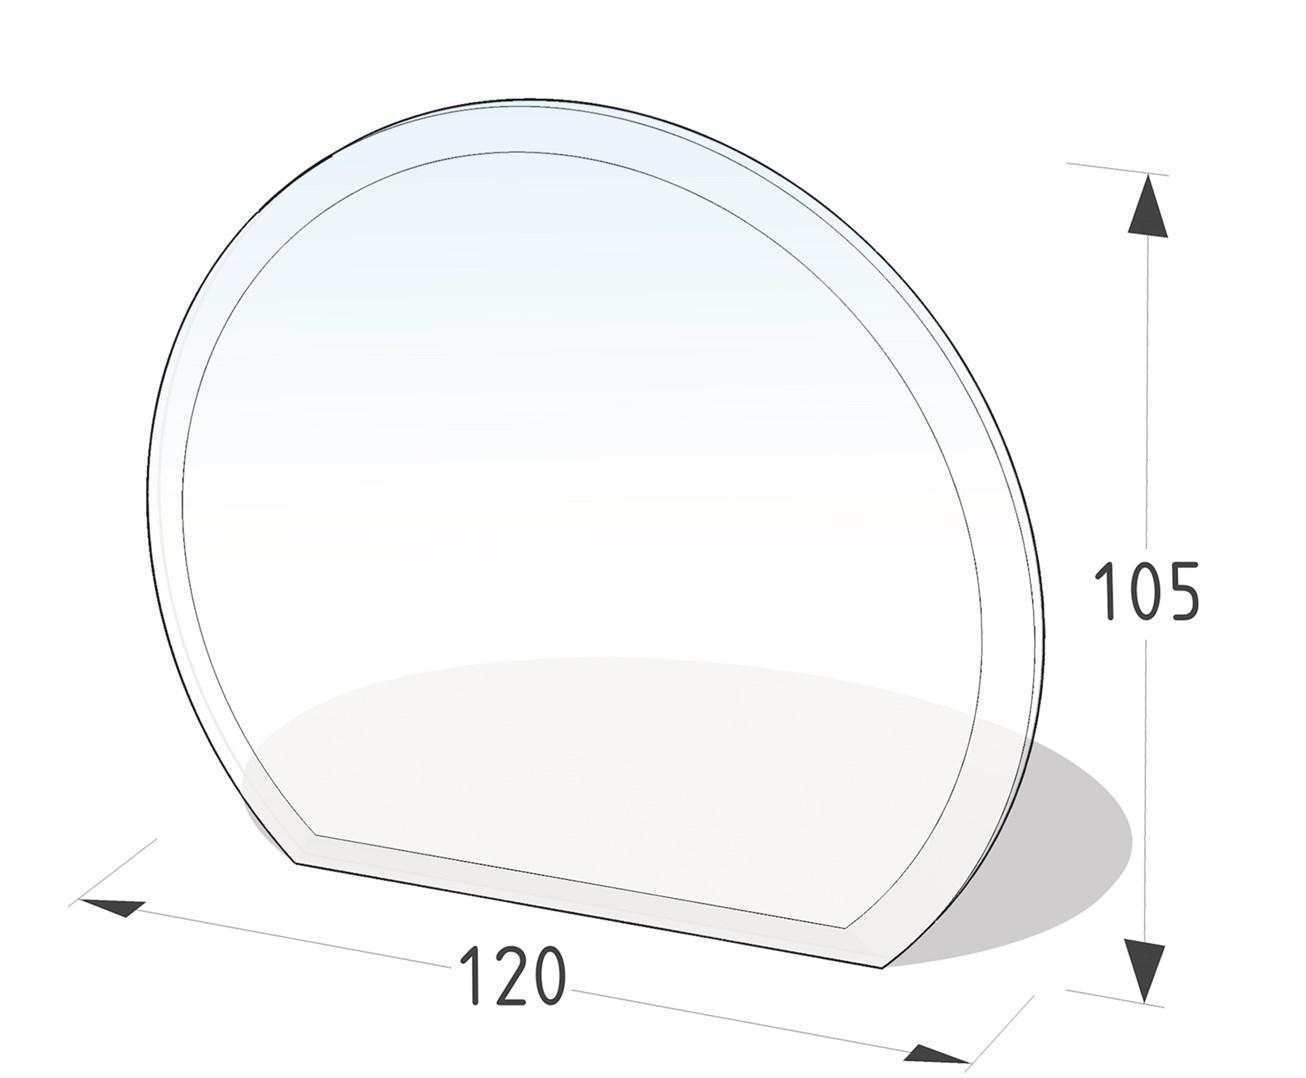 Lienbacher Sklo pod krbová kamna část kruhu  120x105 cm 3 hrany s fazetou síla skla 6mm